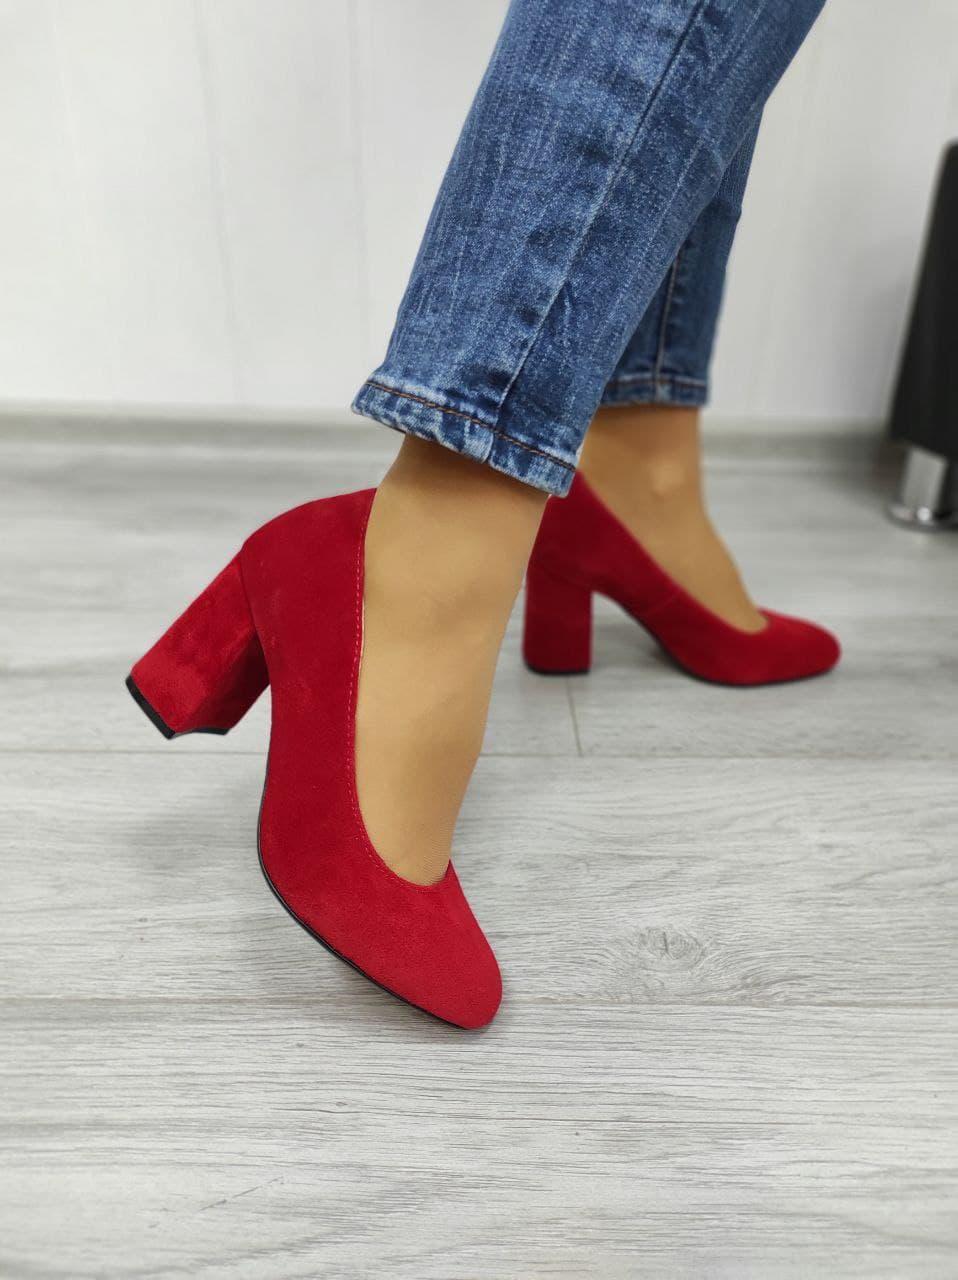 Красные замшевые туфли накаблуке